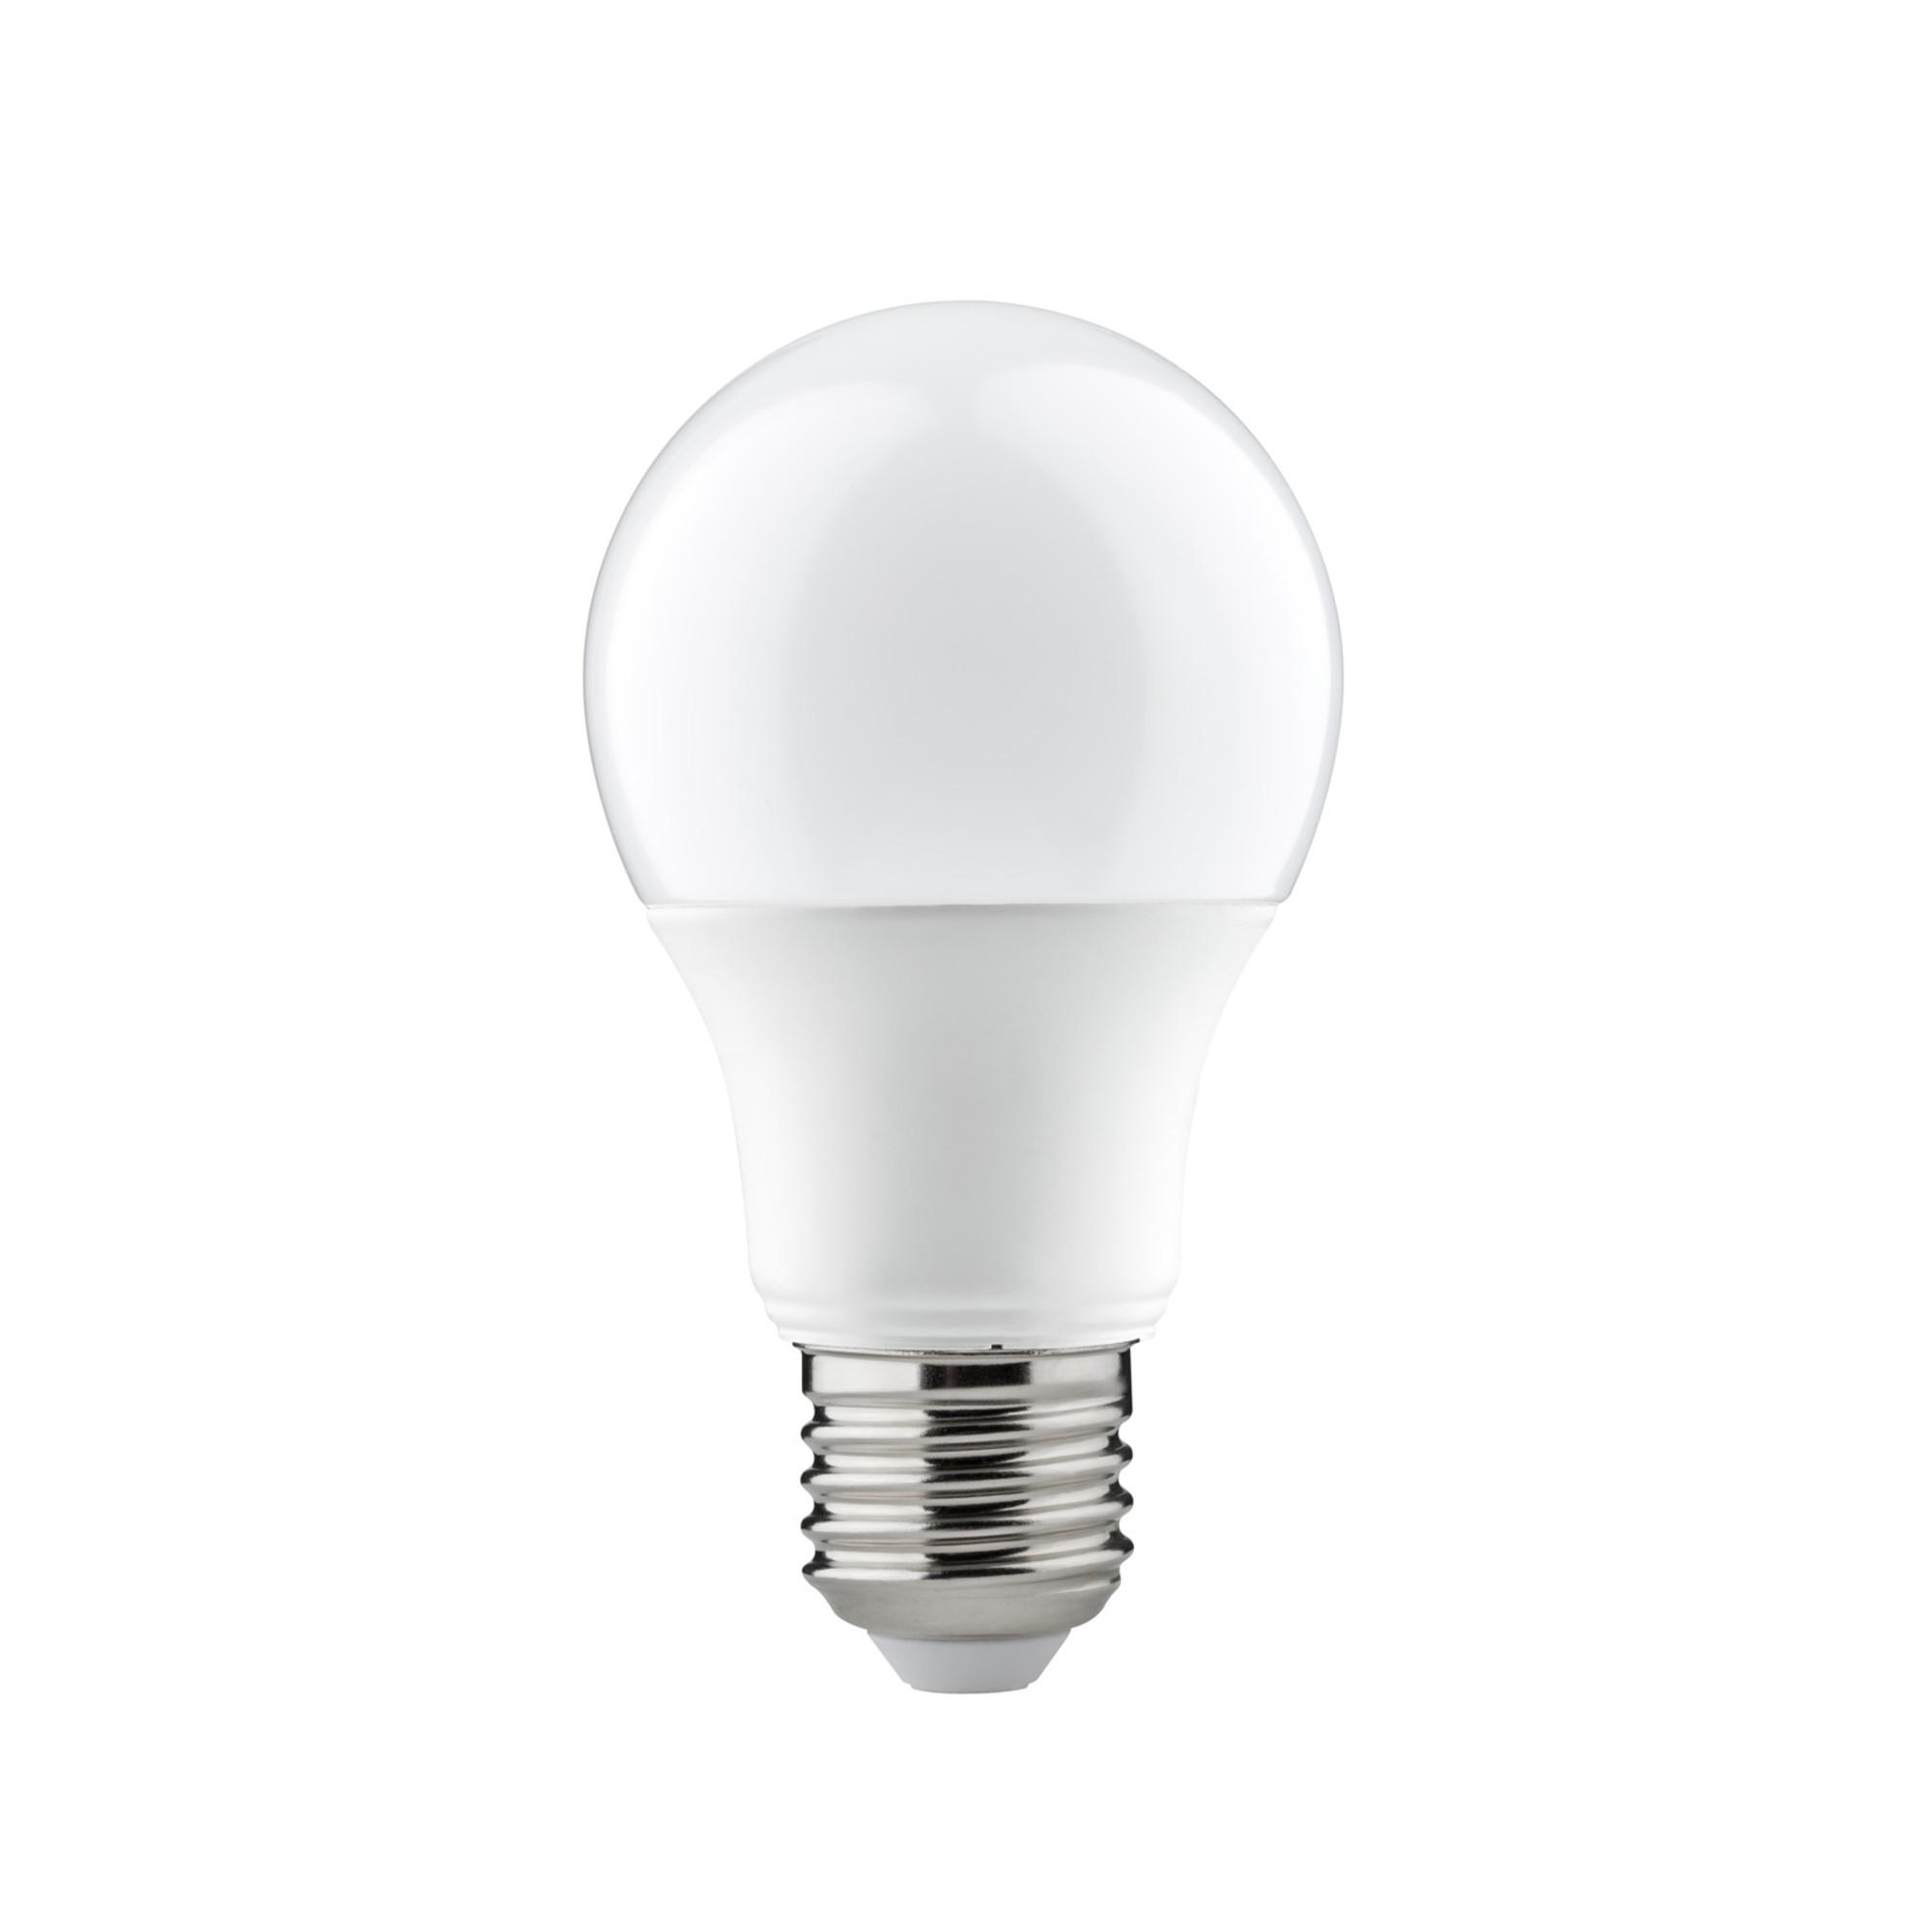 Лампа светодиодная Paulmann Общего назначения 6Вт 470лм 2700К Е27 230В Опал 28489.